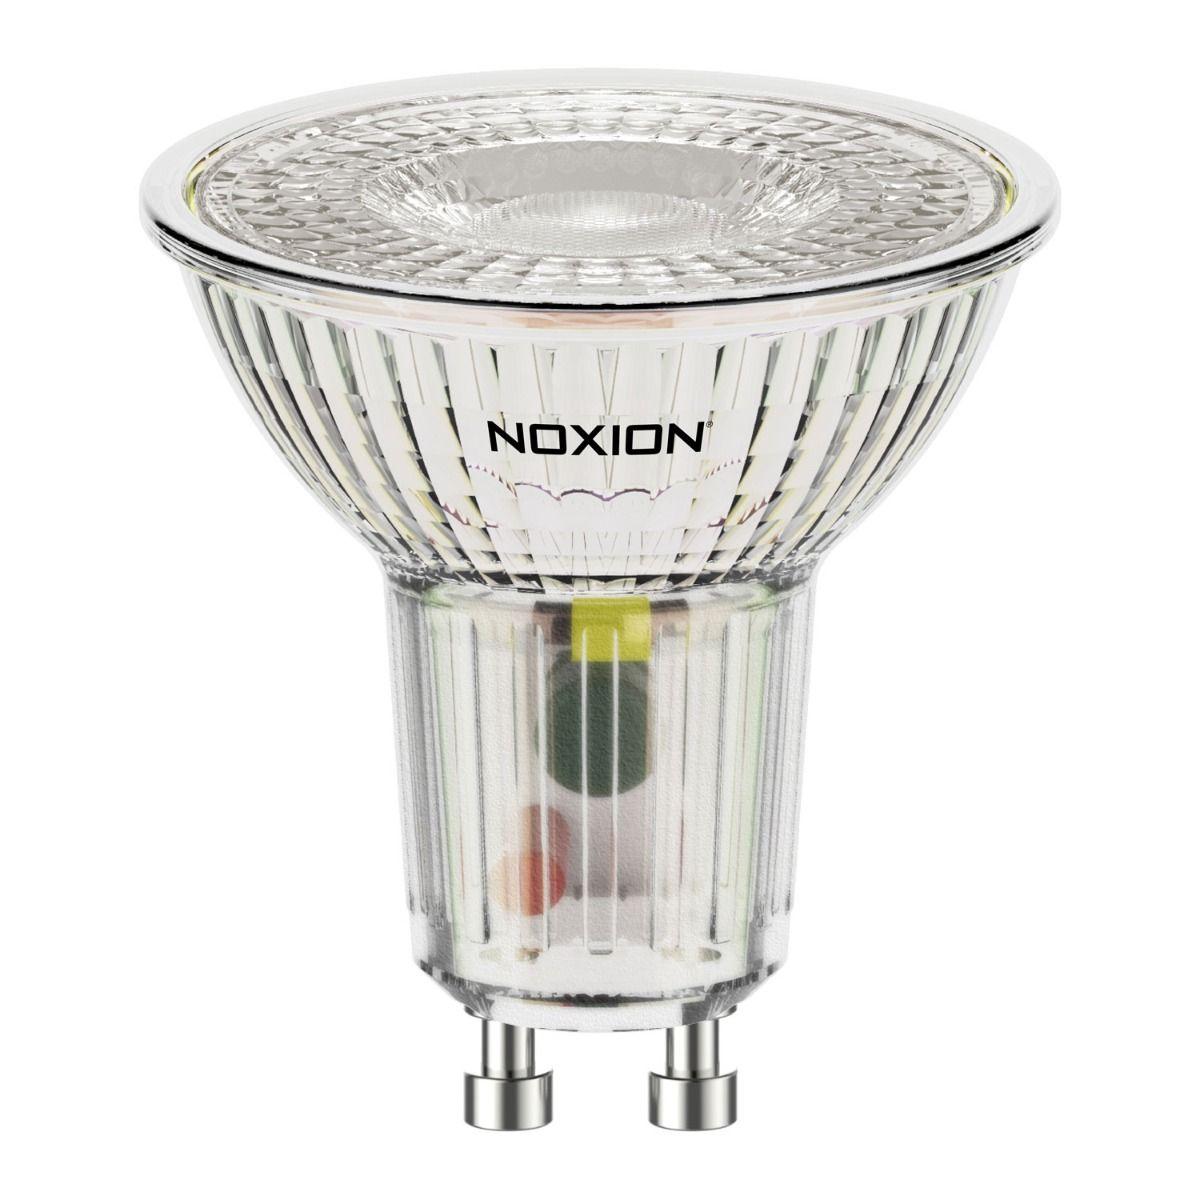 Noxion LED Spot GU10 3.7W 830 36D 260lm | Varm Vit - Ersättare 35W